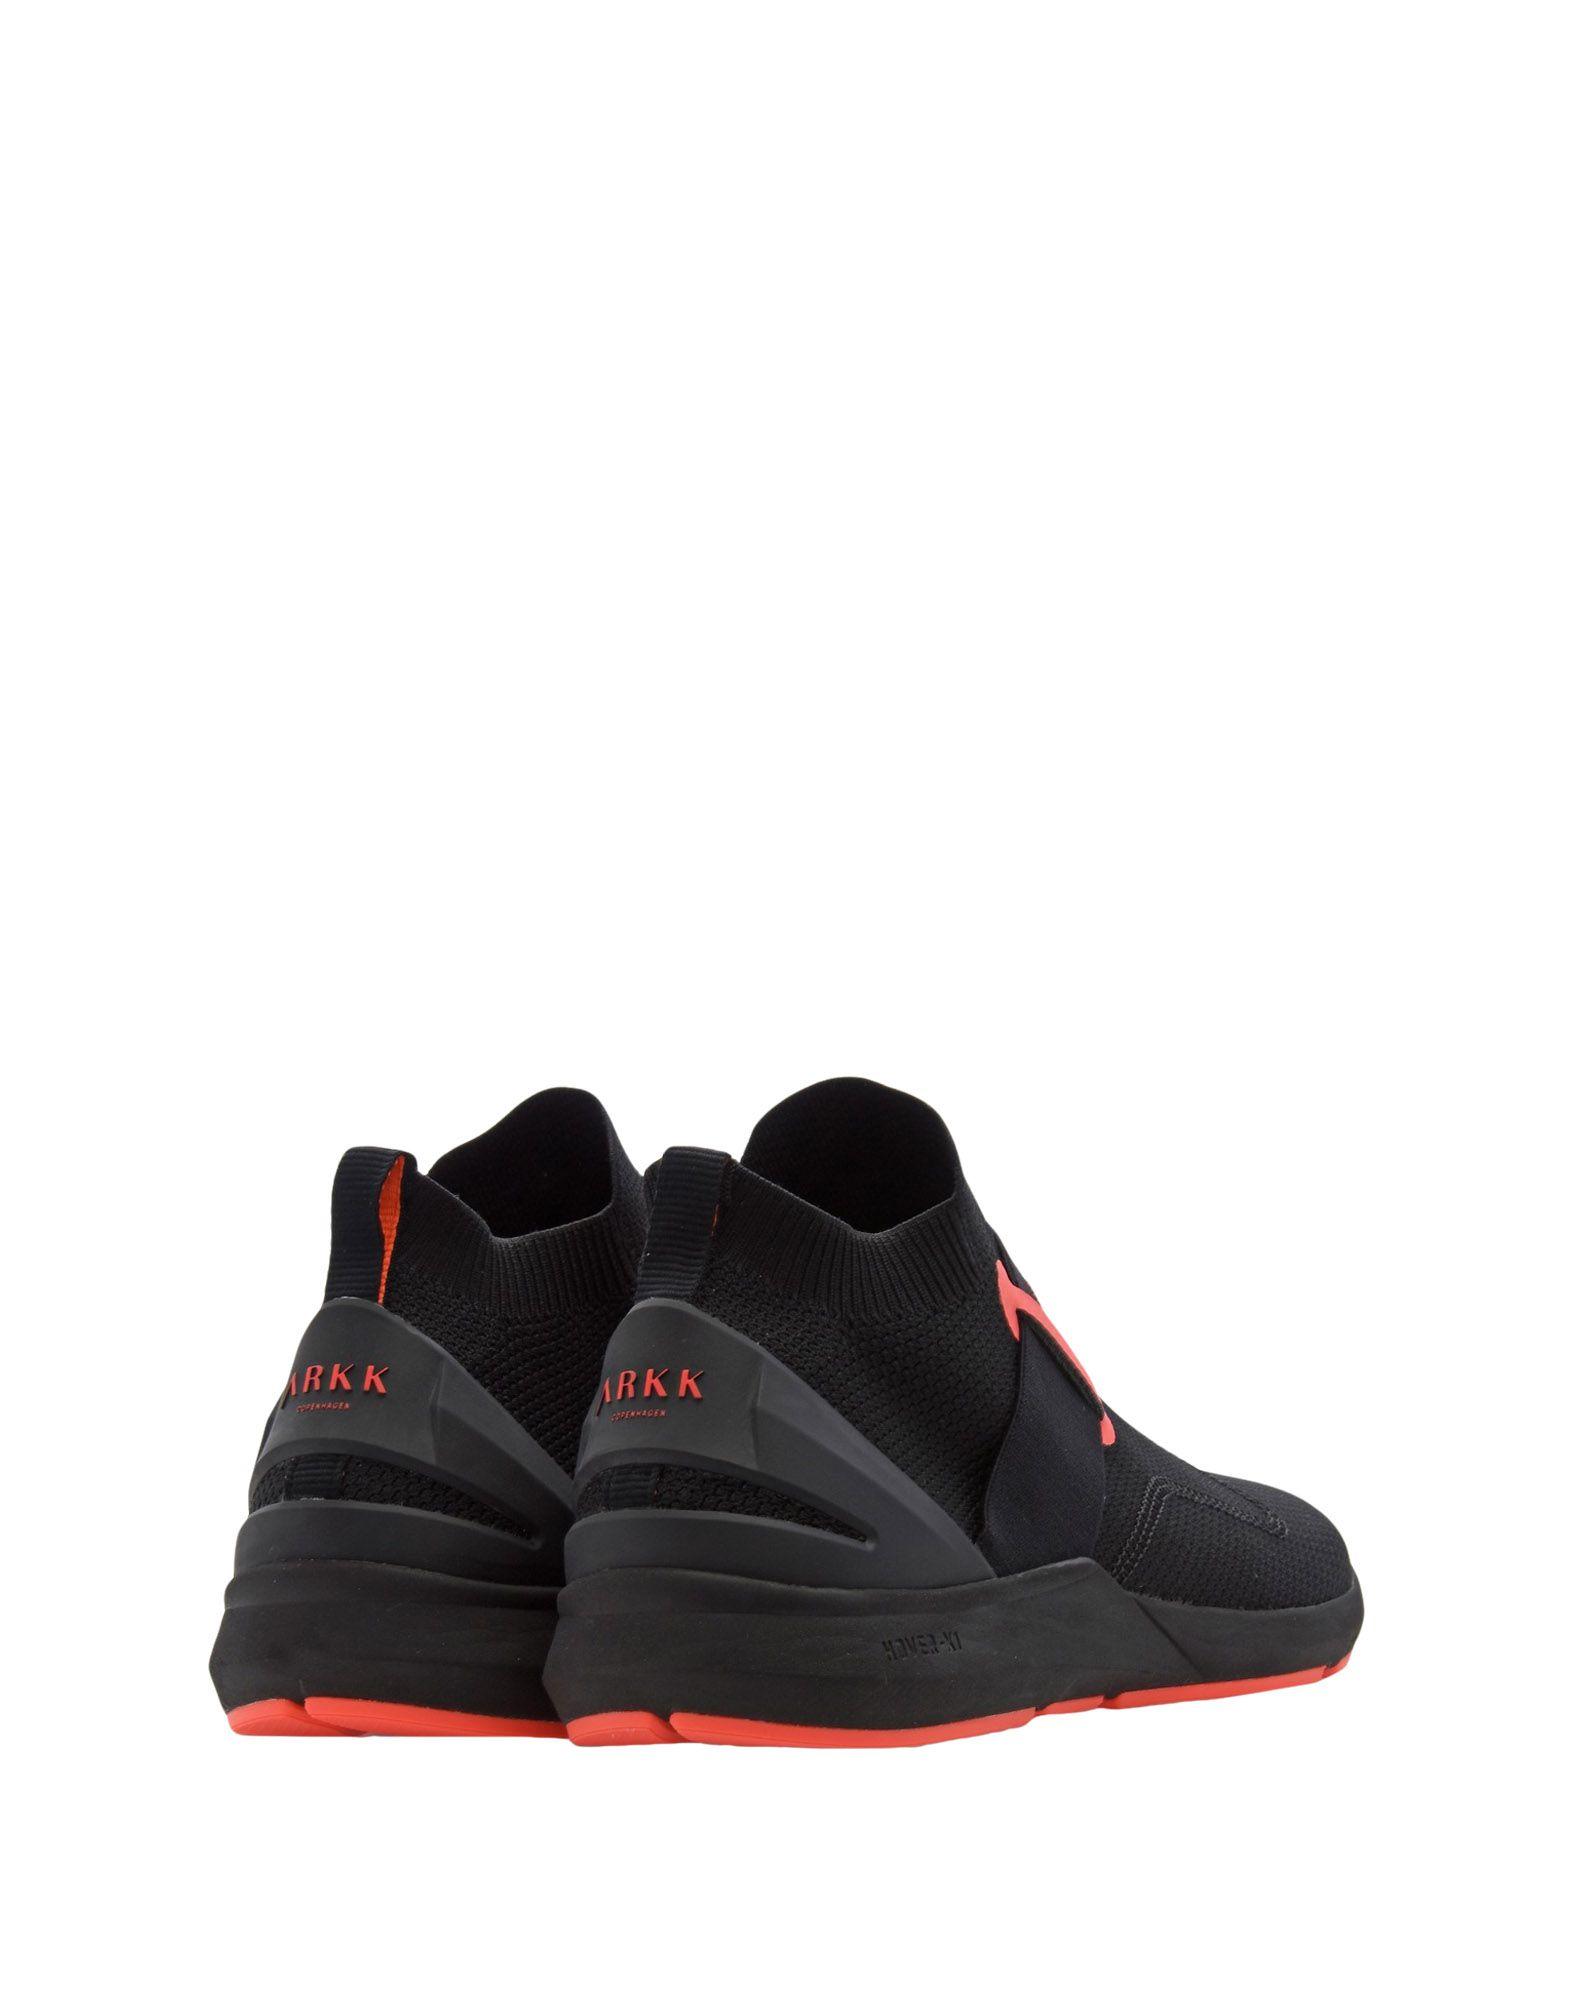 Sneakers Arkk Copenhagen Spyqon Fg Future H-X1 Black Neon Coral - Homme - Sneakers Arkk Copenhagen sur